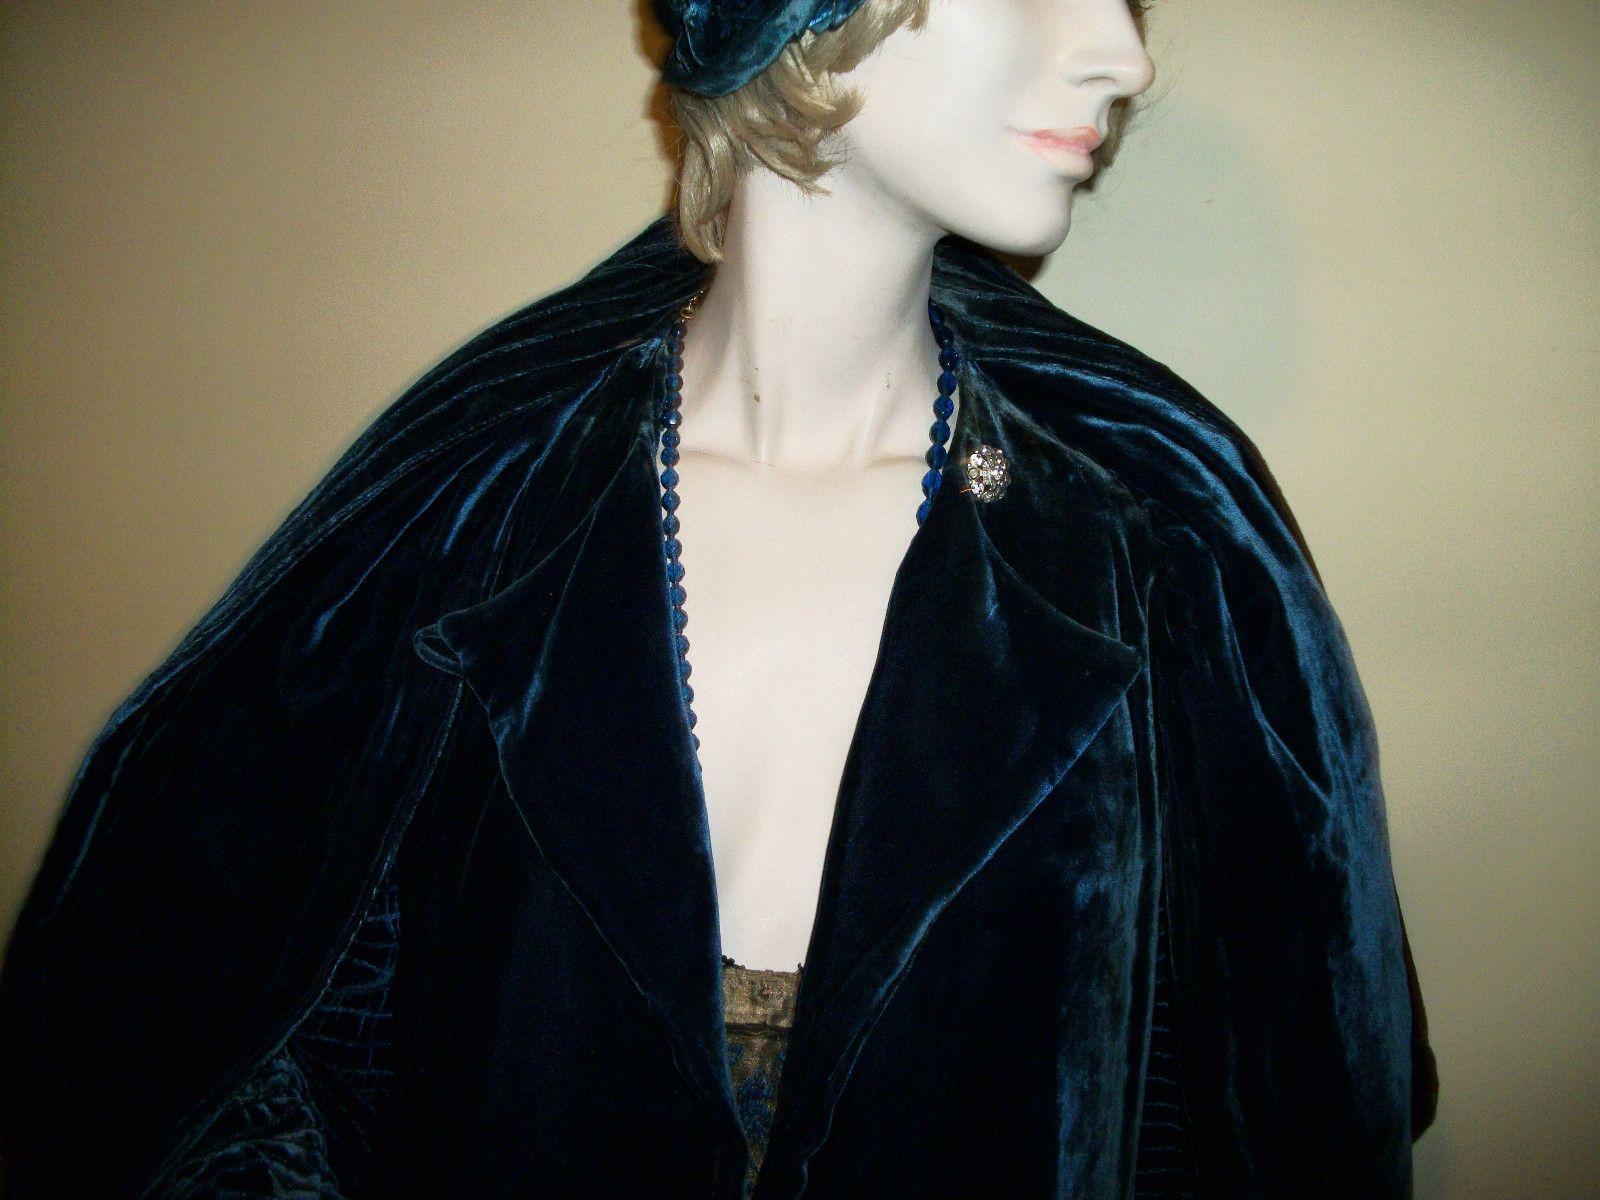 Vintage 1920 Coat Flapper Era Royal Blue Velvet Faux Scarf A1 Condition Art Deco | eBay